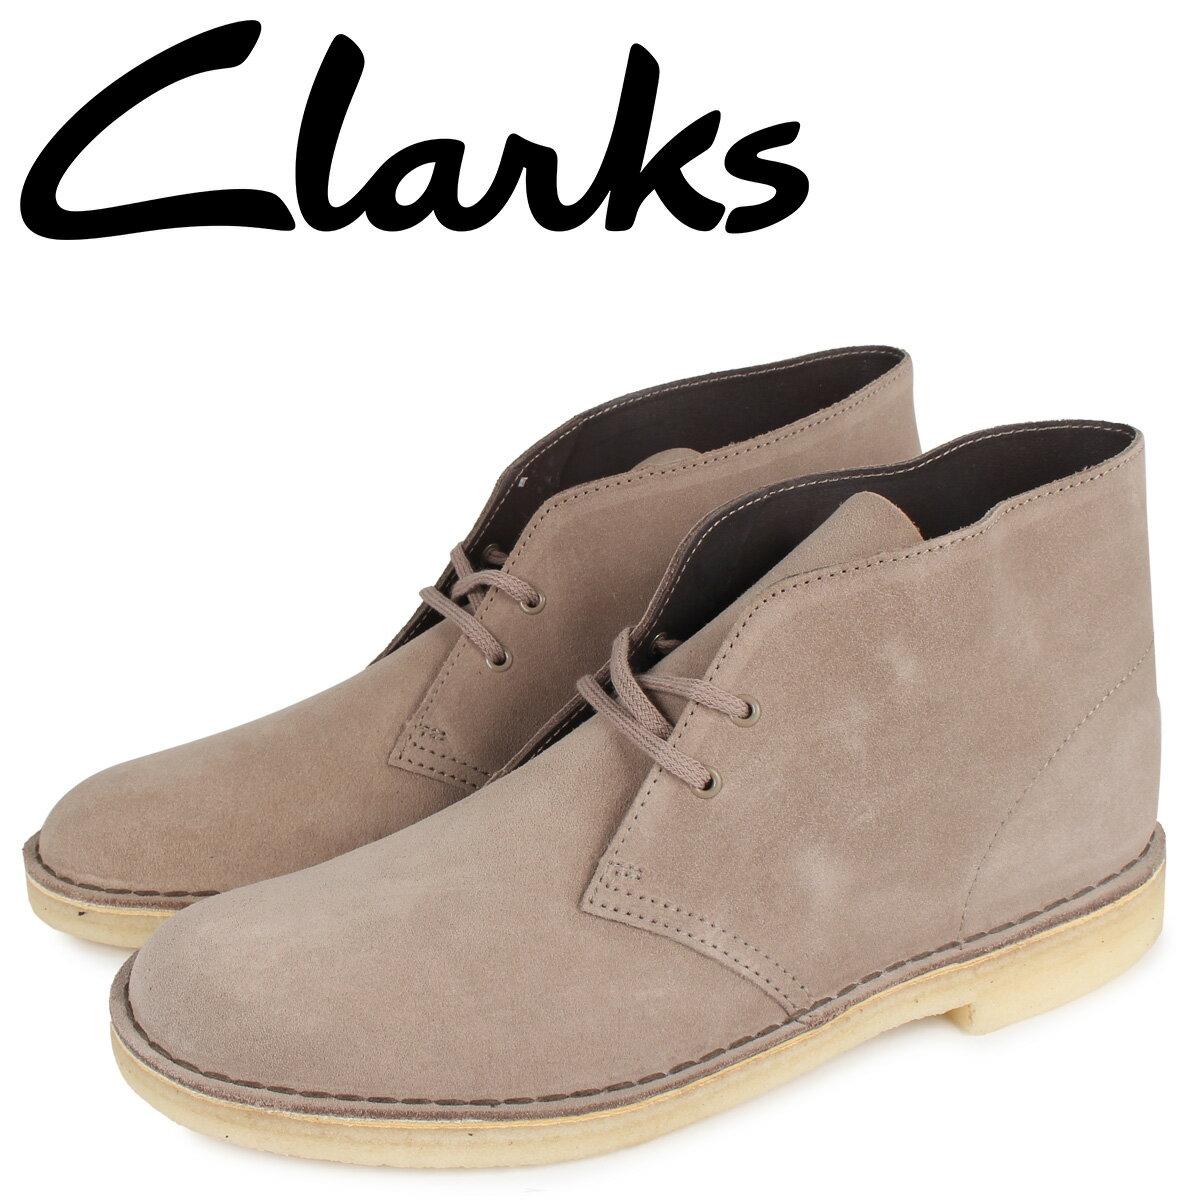 クラークス CLARKS デザート ブーツ メンズ DESERT BOOT ベージュ 26147294 [10月 新入荷]